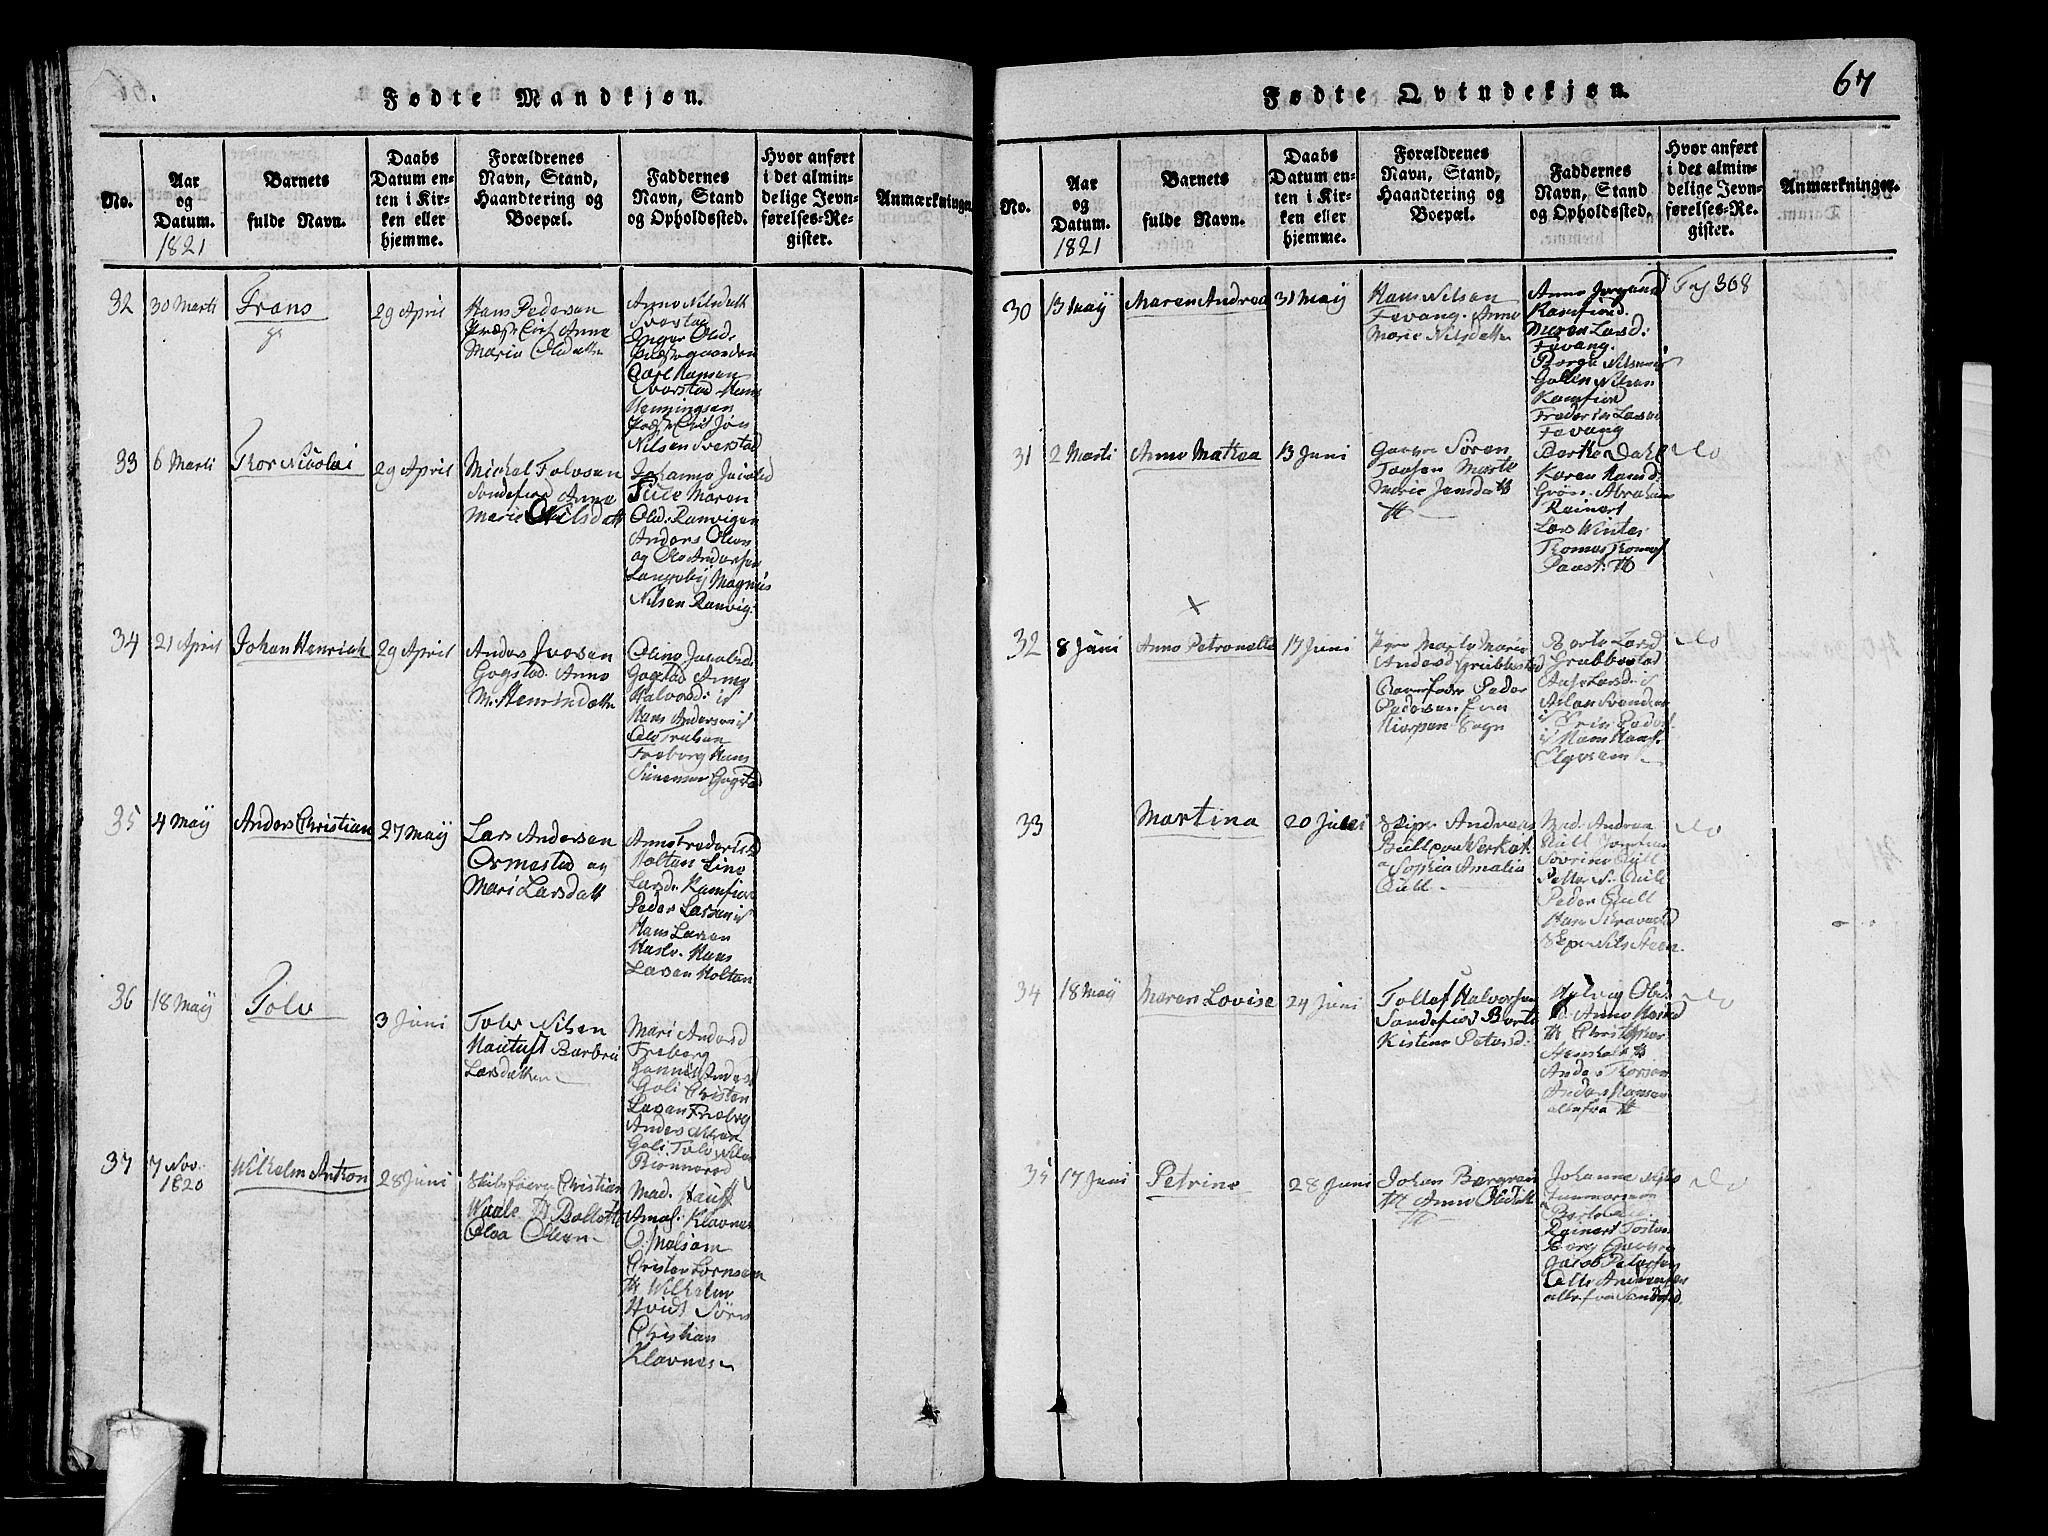 SAKO, Sandar kirkebøker, G/Ga/L0001: Klokkerbok nr. 1, 1814-1835, s. 67